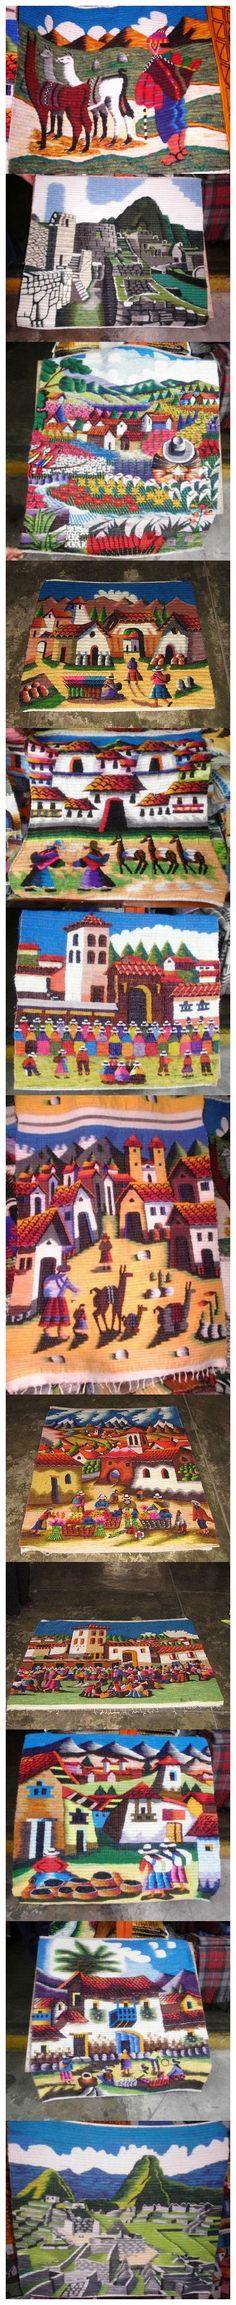 Peruanische handgewebte Teppiche liebevoll mit Muster gestaltet, Handarbeit aus Peru.